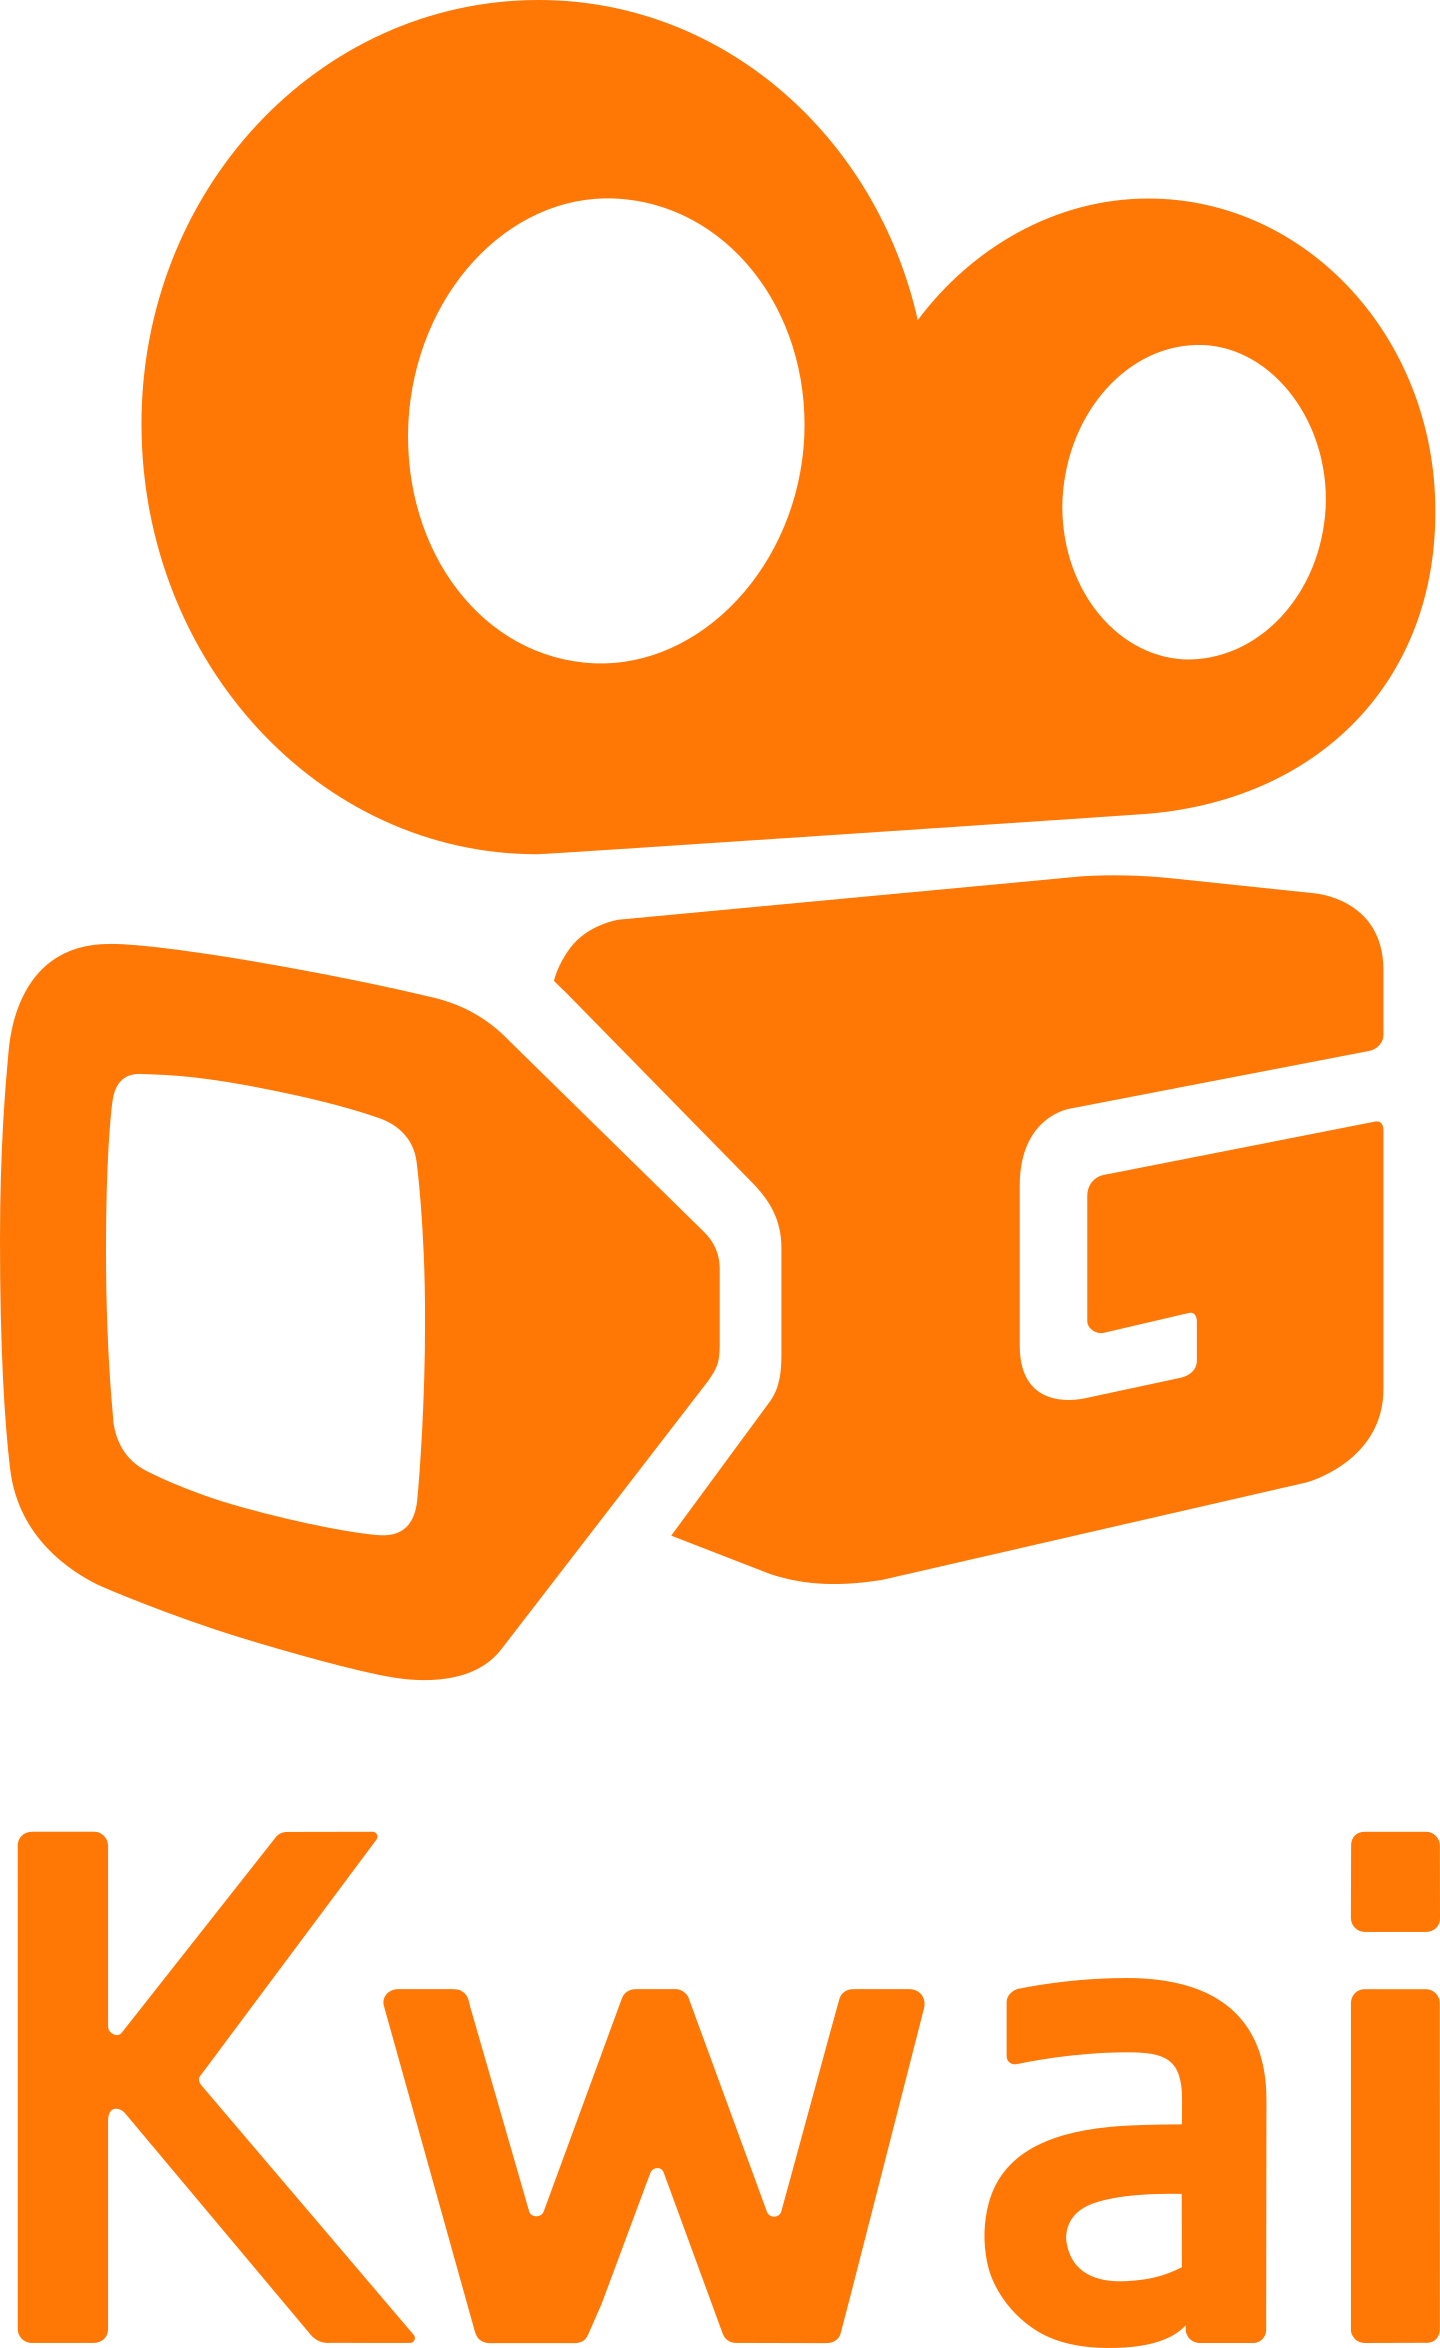 kwai logo 3 - Kwai Logo